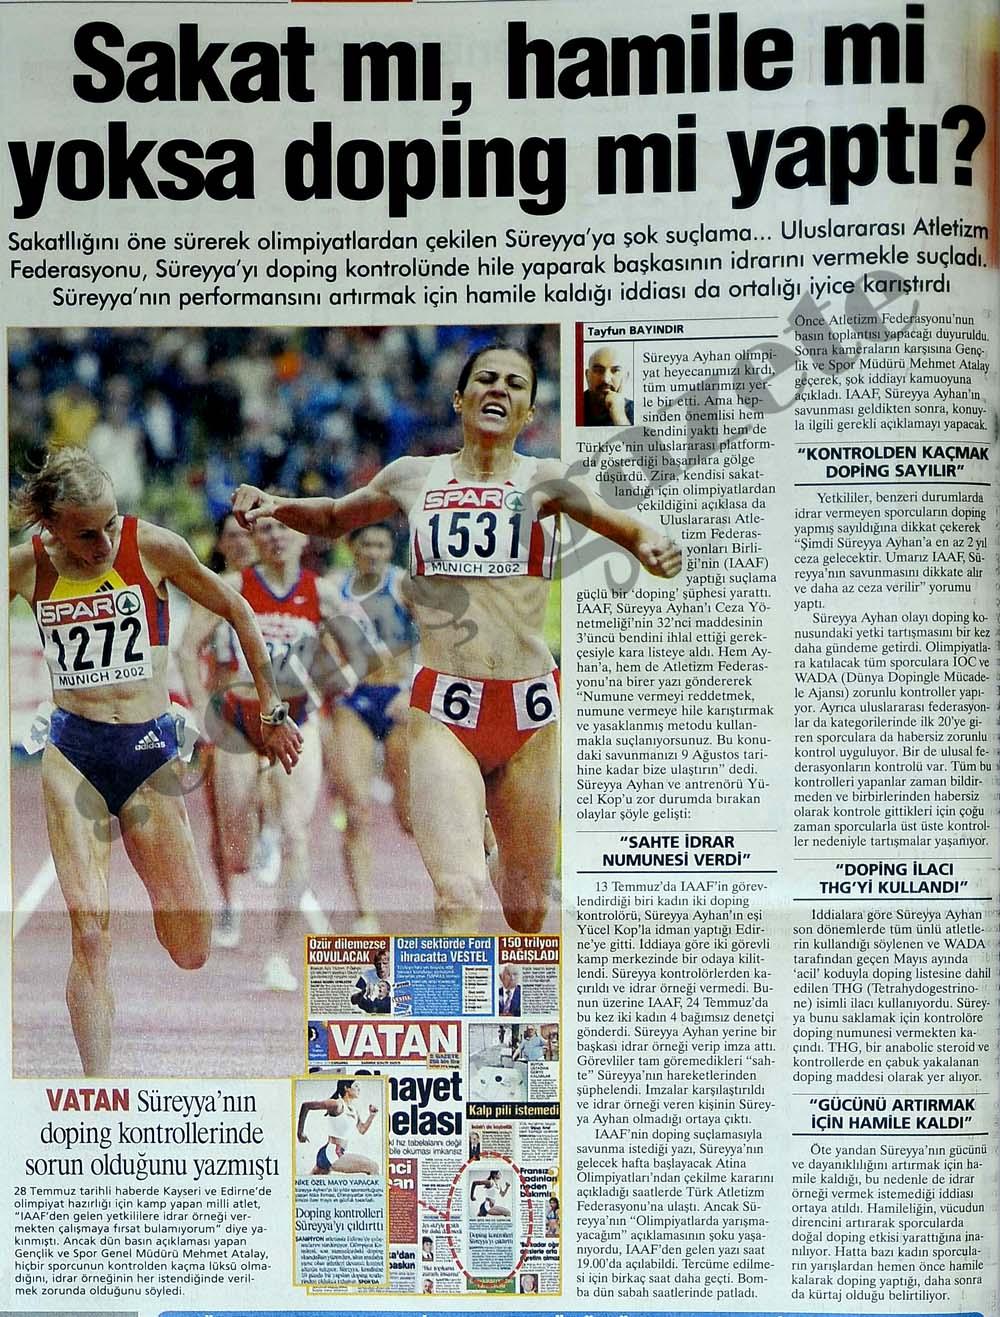 Sakat mı, hamile mi yoksa doping mi yaptı?